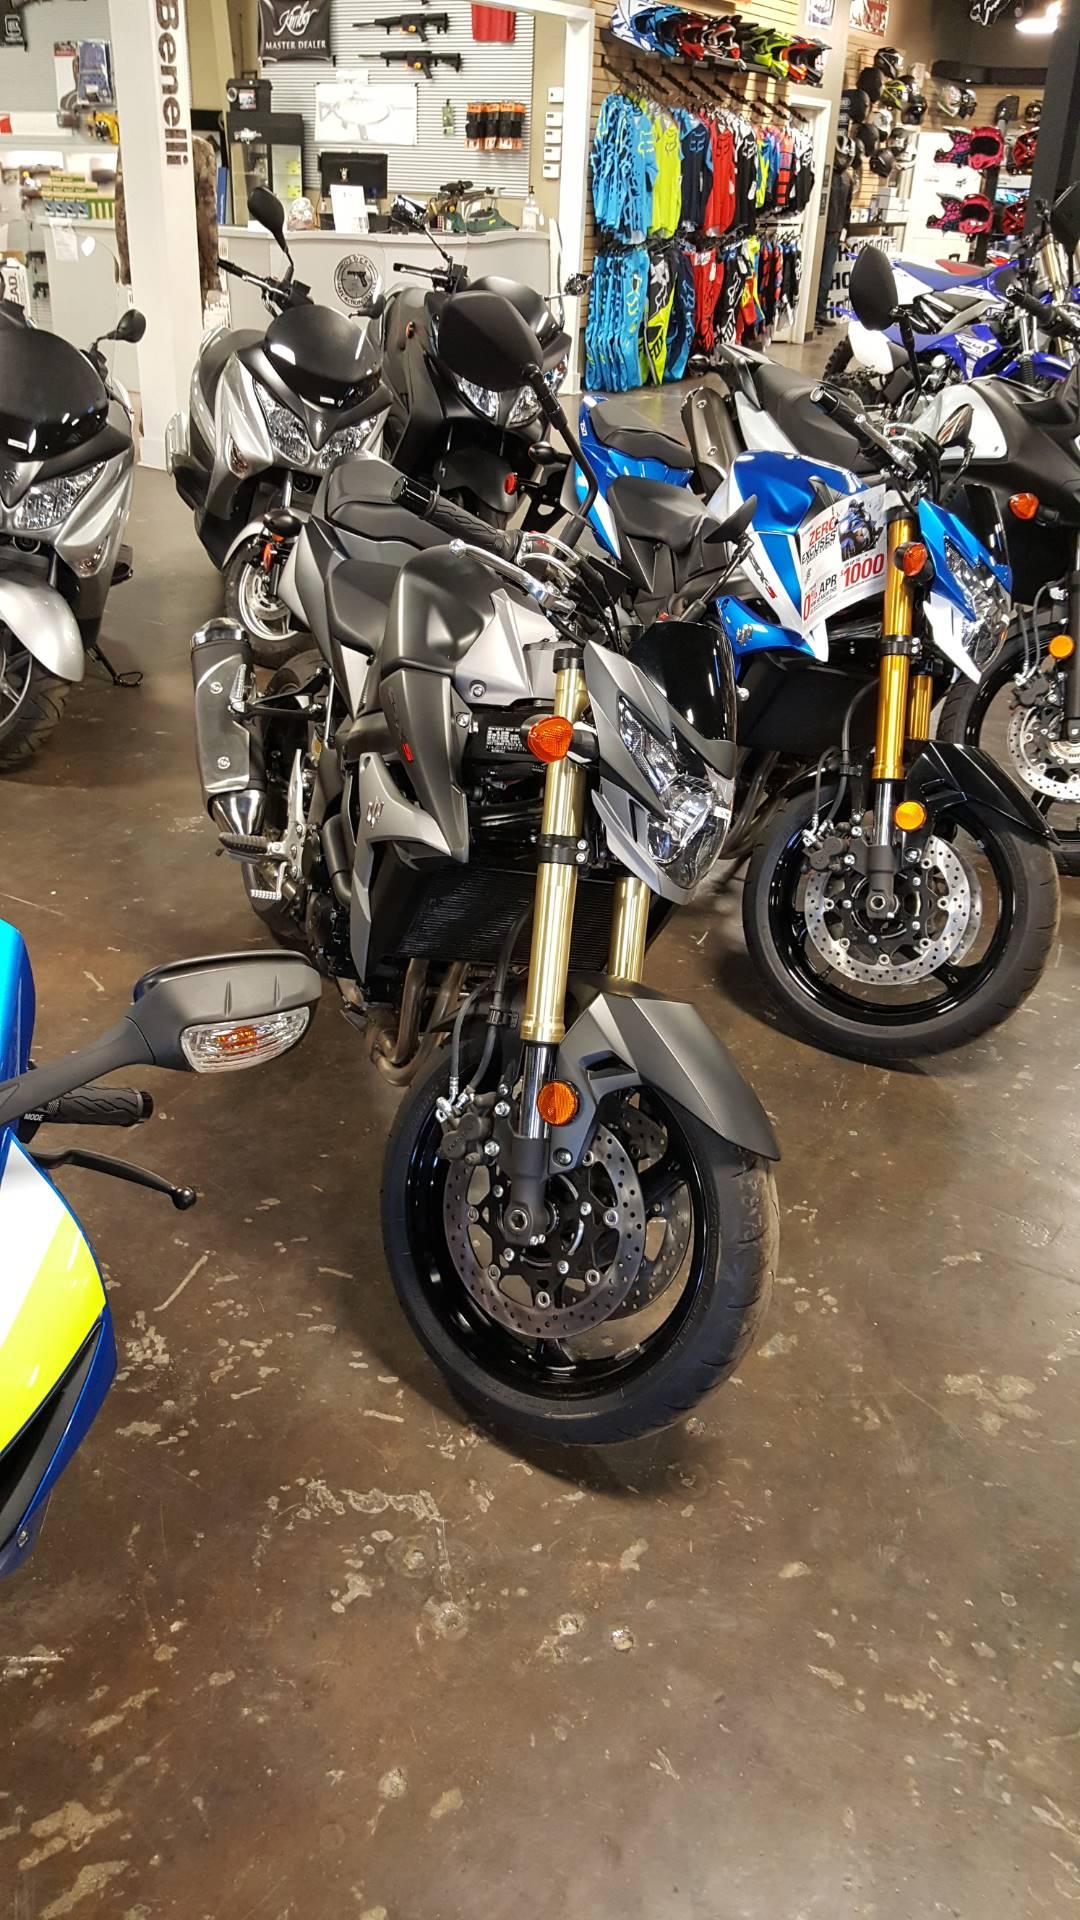 2015 Suzuki GSX-S750 for sale 26013